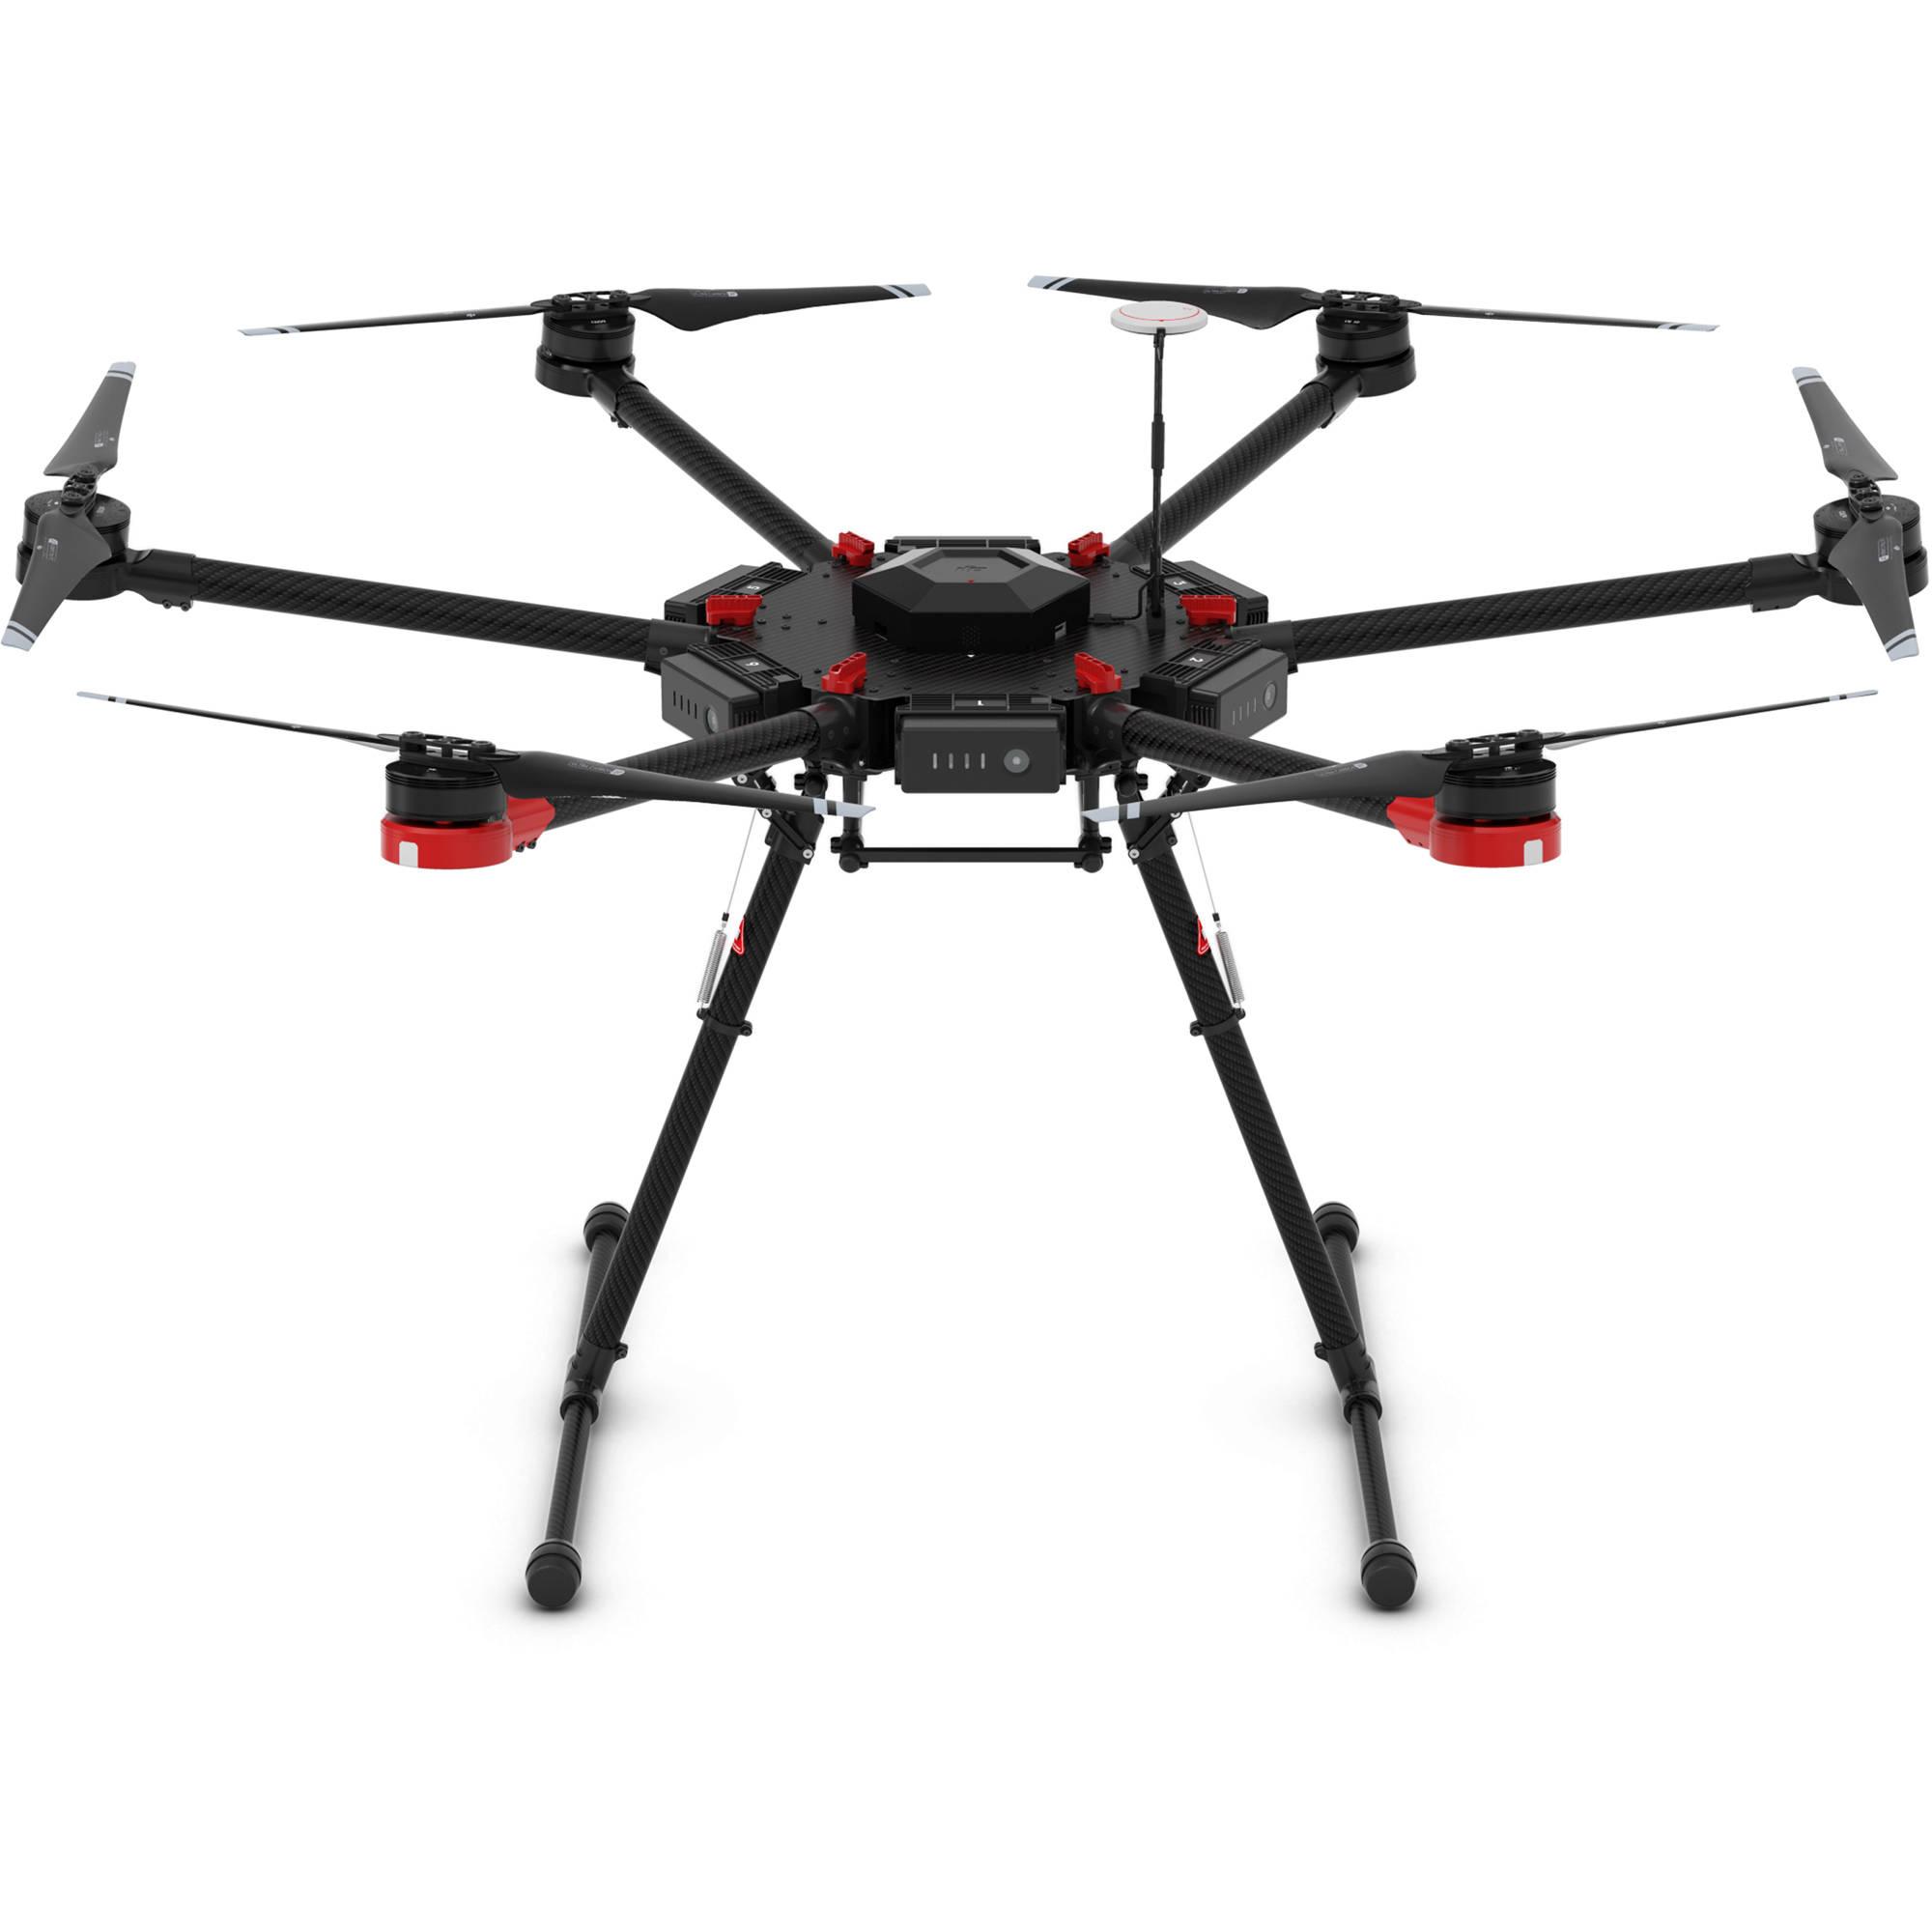 dji_cp_sb_000239_matrice_600_hexacopter_1247861.jpg